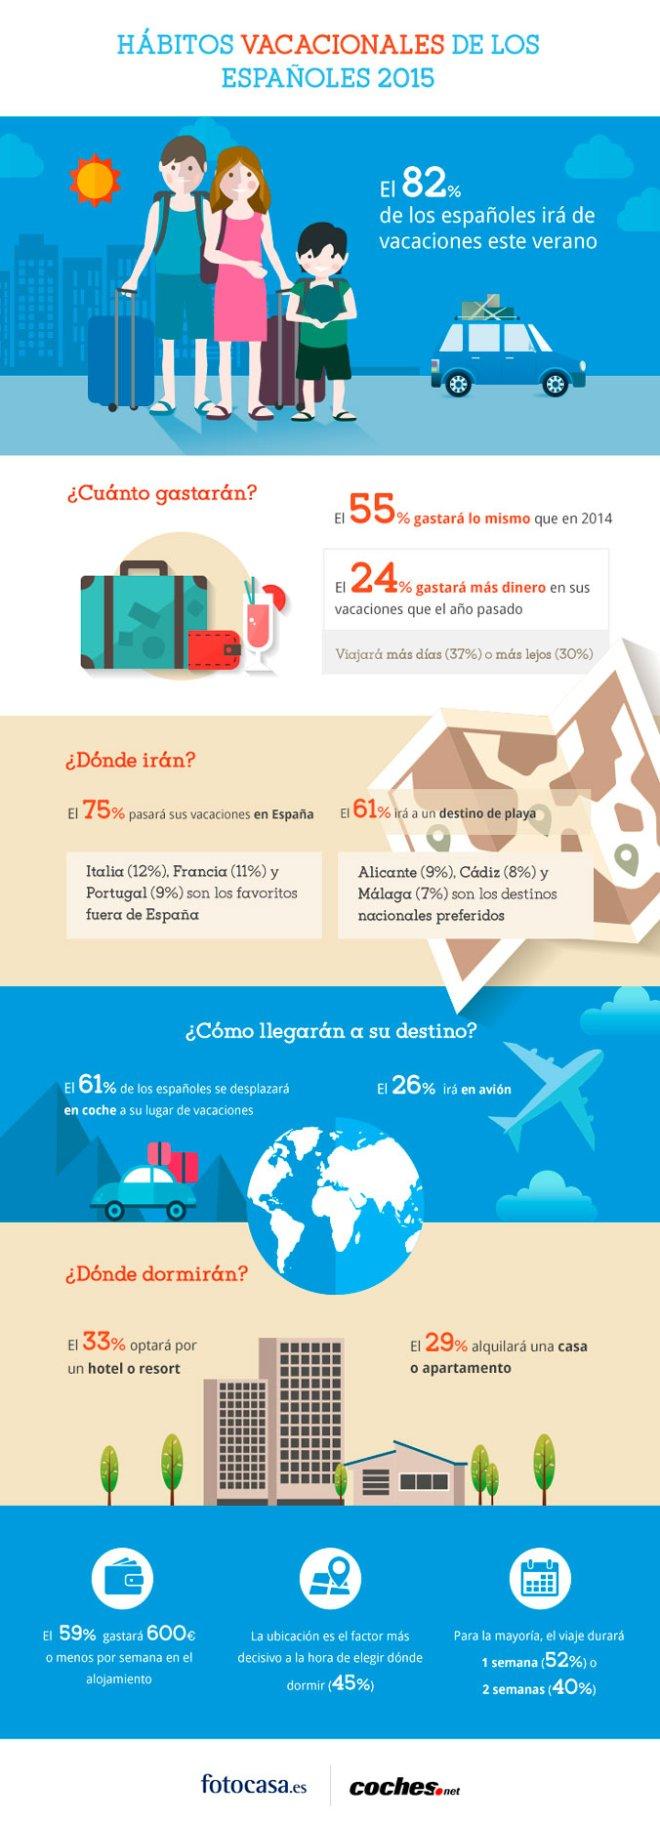 Hábitos vacacionales de los españoles